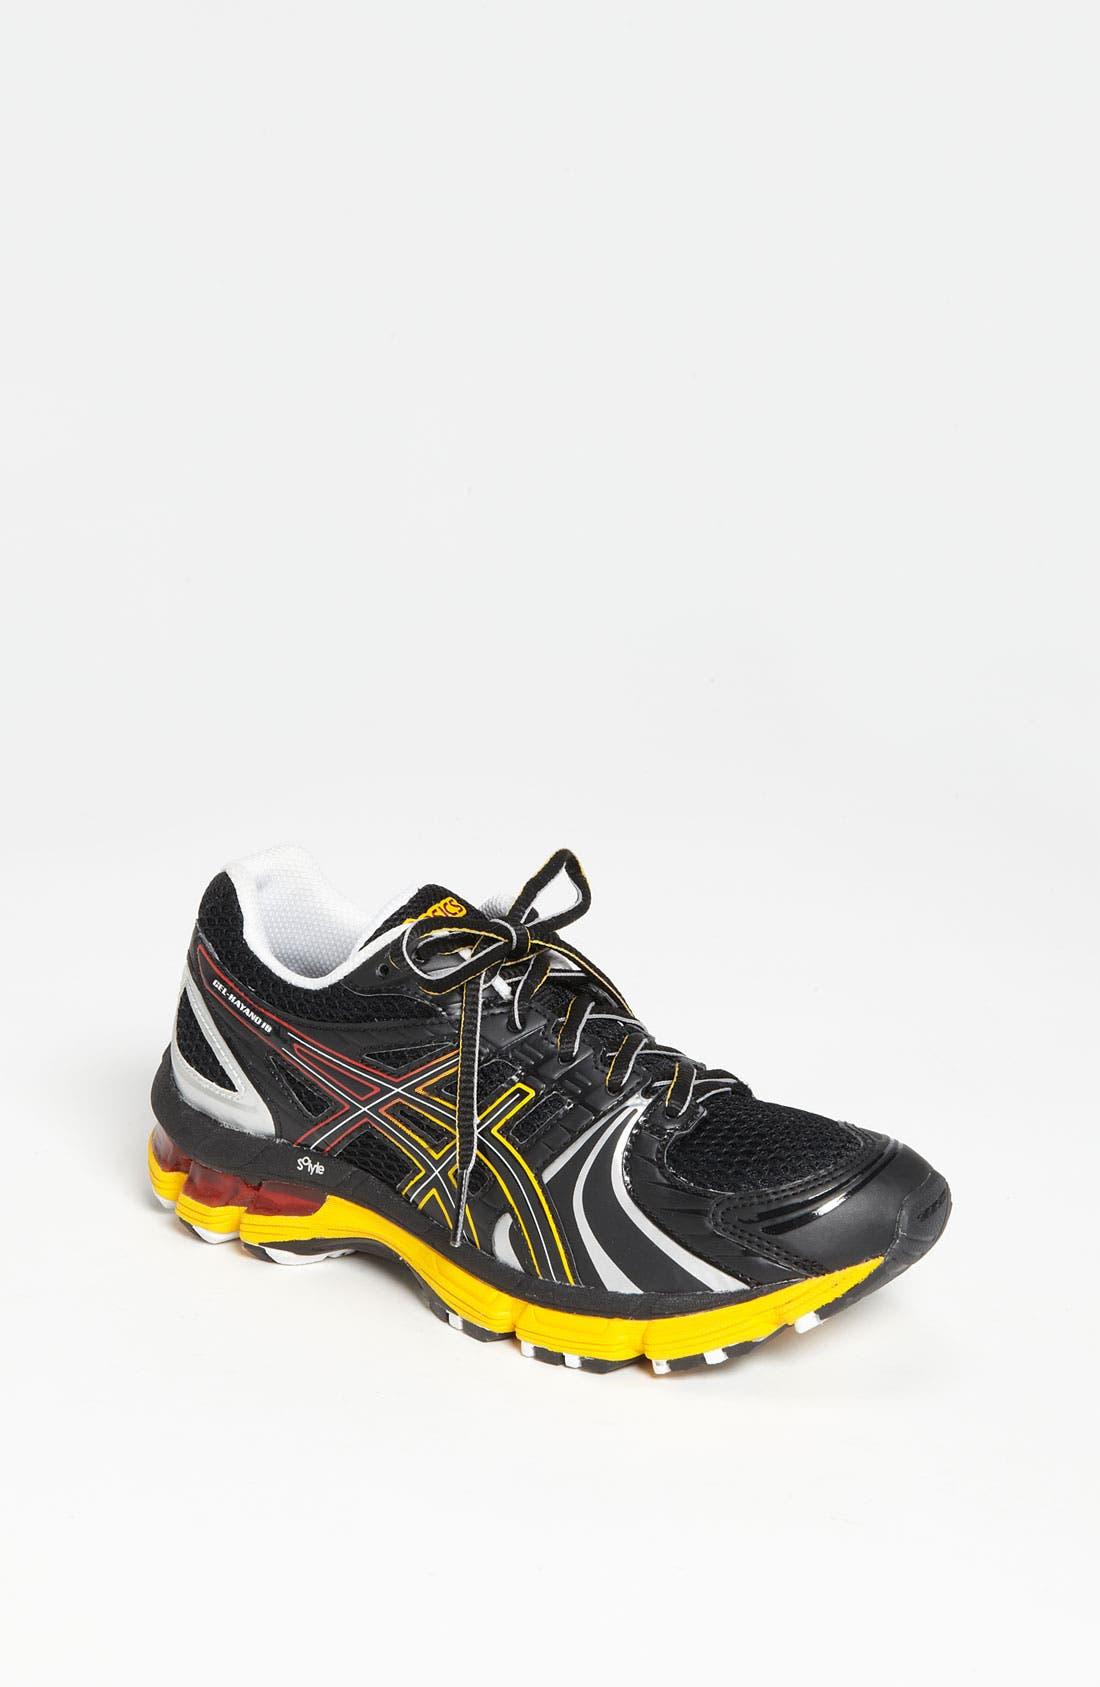 Main Image - ASICS® 'GEL-Kayano 18' Training Shoe (Big Kid)